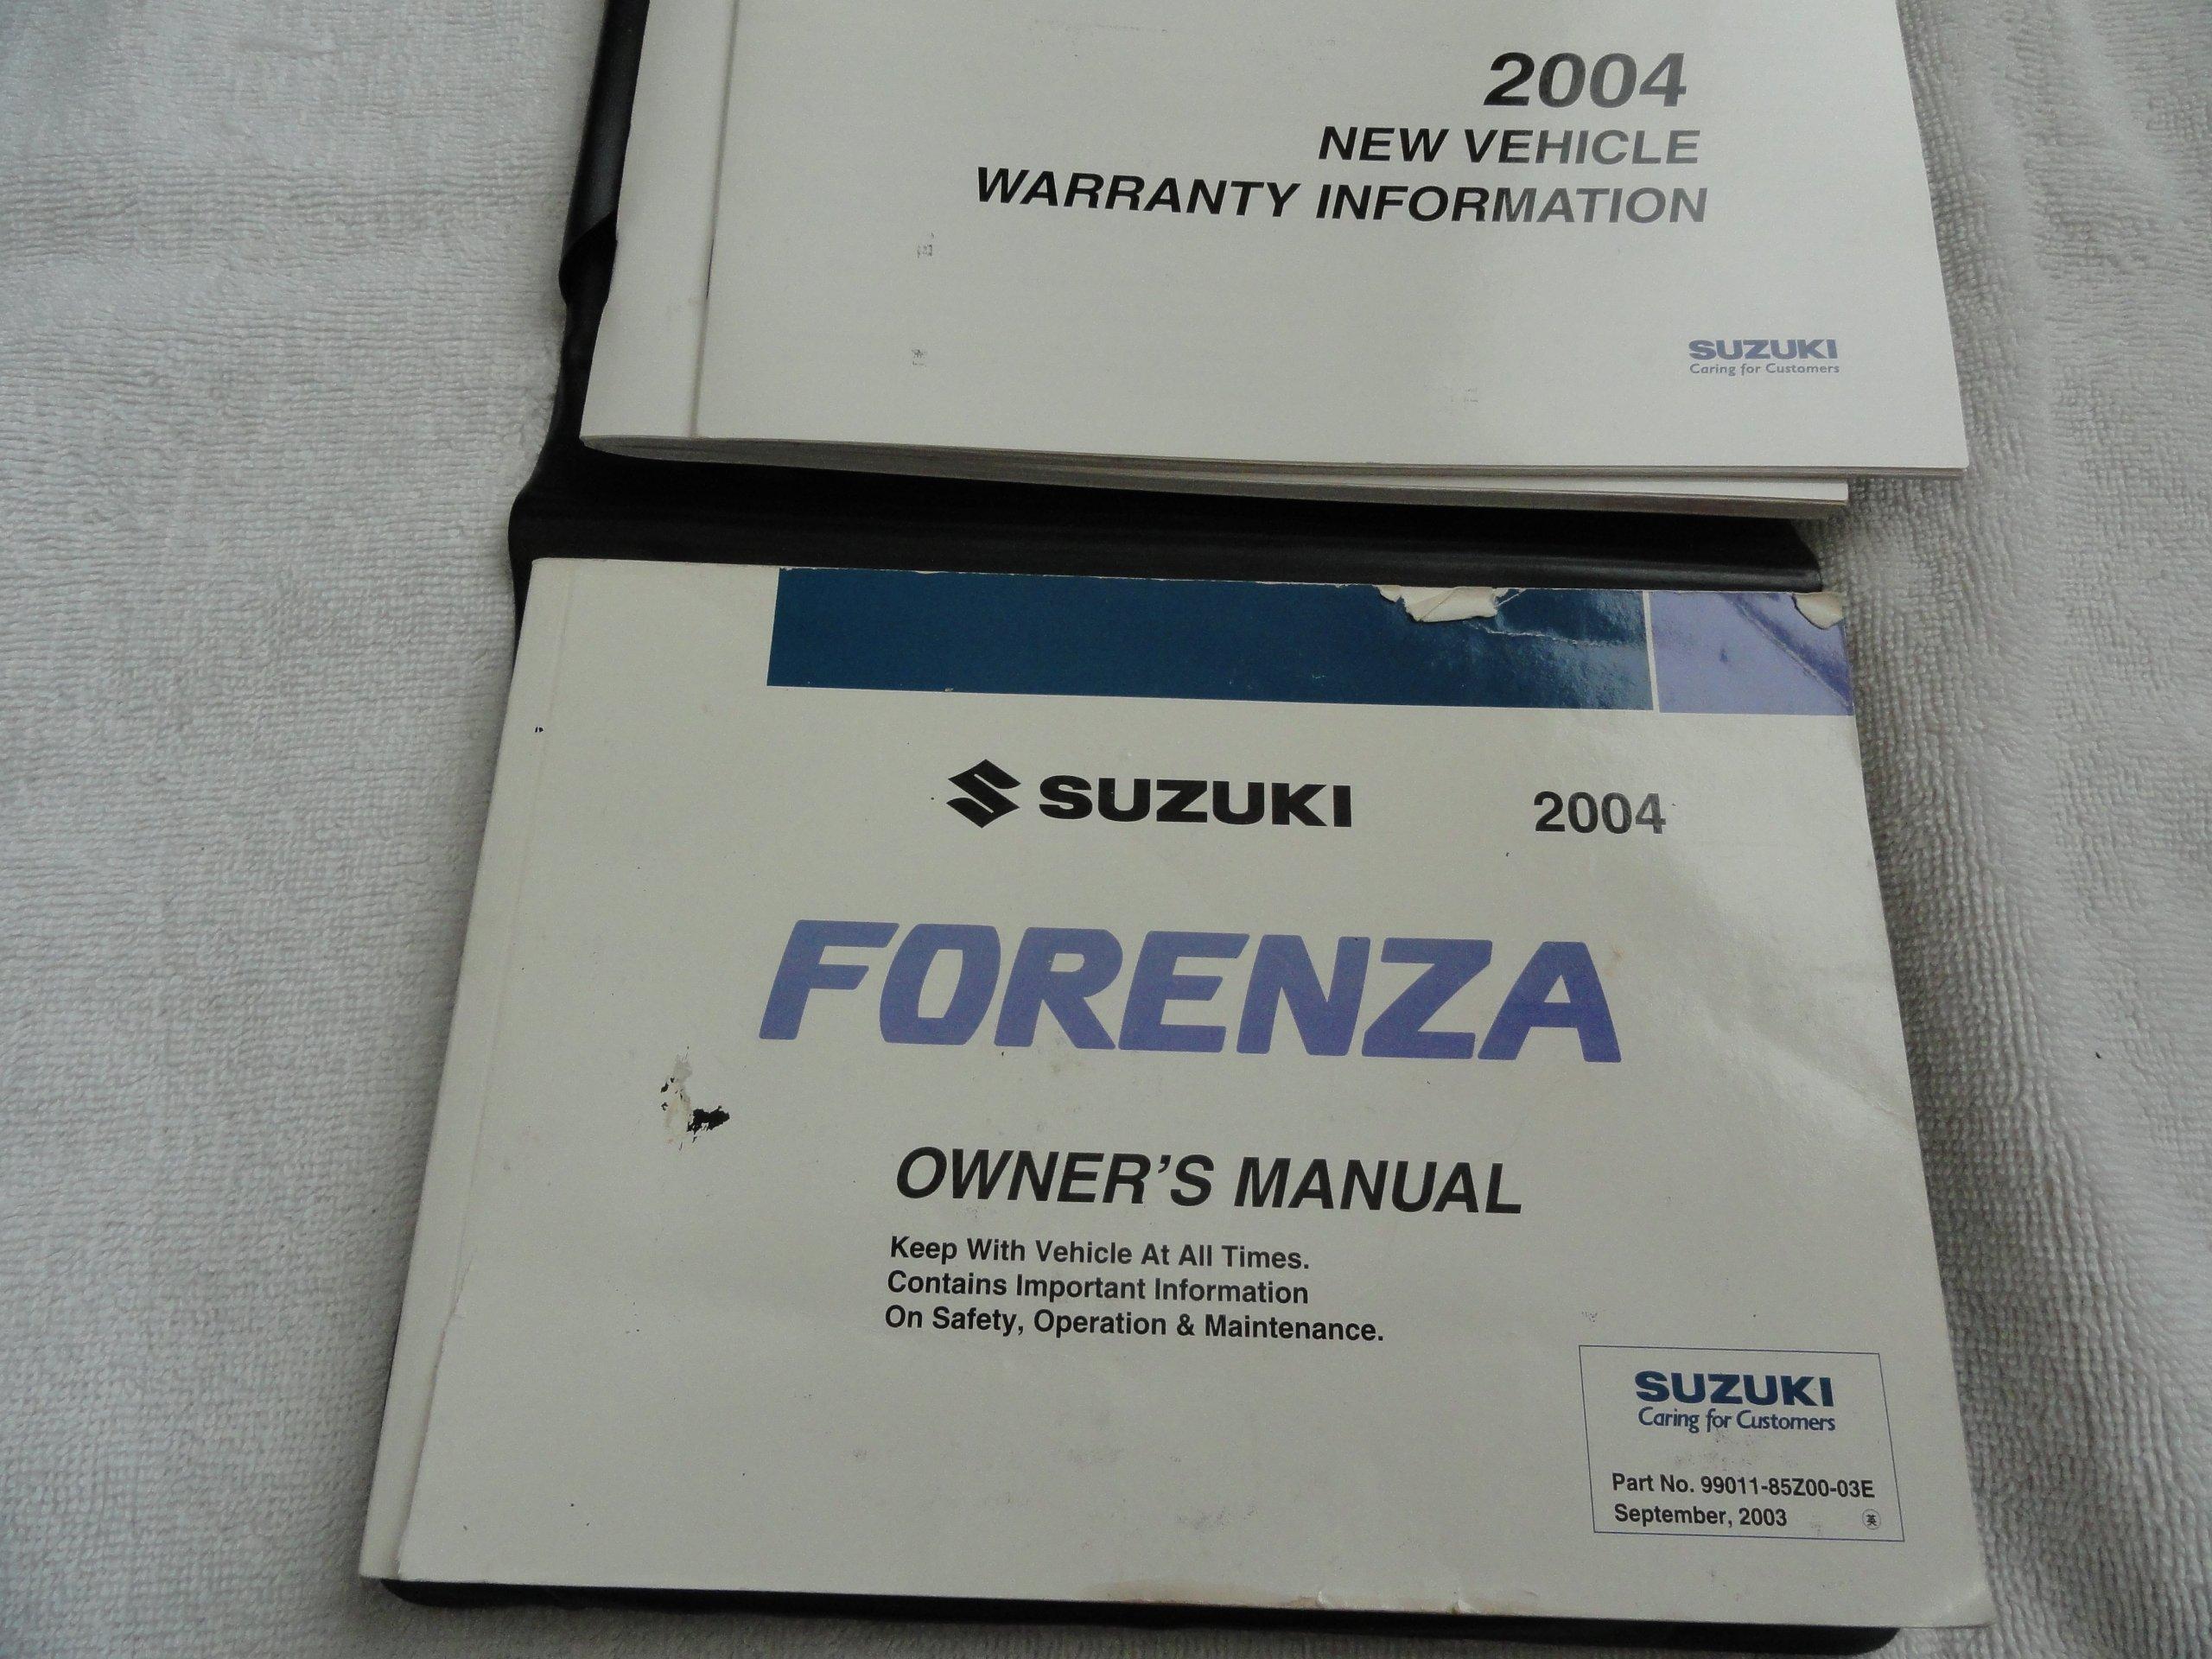 2004 suzuki forenza owners manual suzuki amazon com books rh amazon com suzuki forenza owners manual download 2006 suzuki forenza owners manual